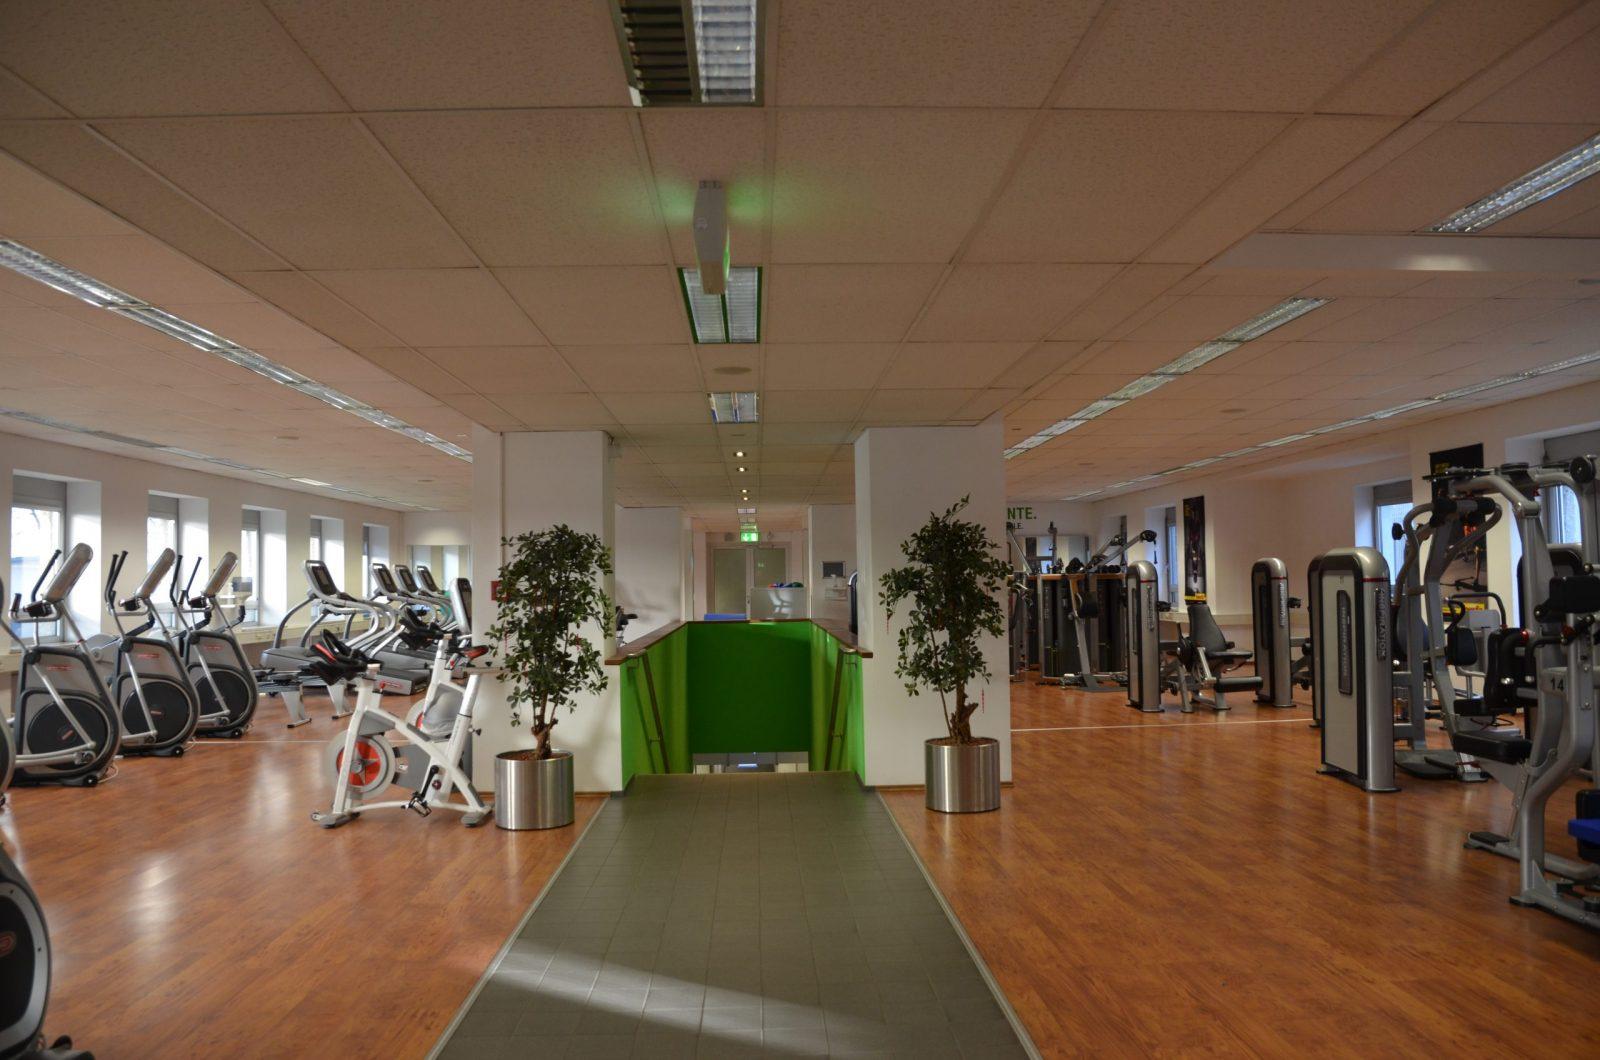 Eingangsbereich des Fitnesscenters BMW ProAktiv 2 betrieben durch FITCOMPANY